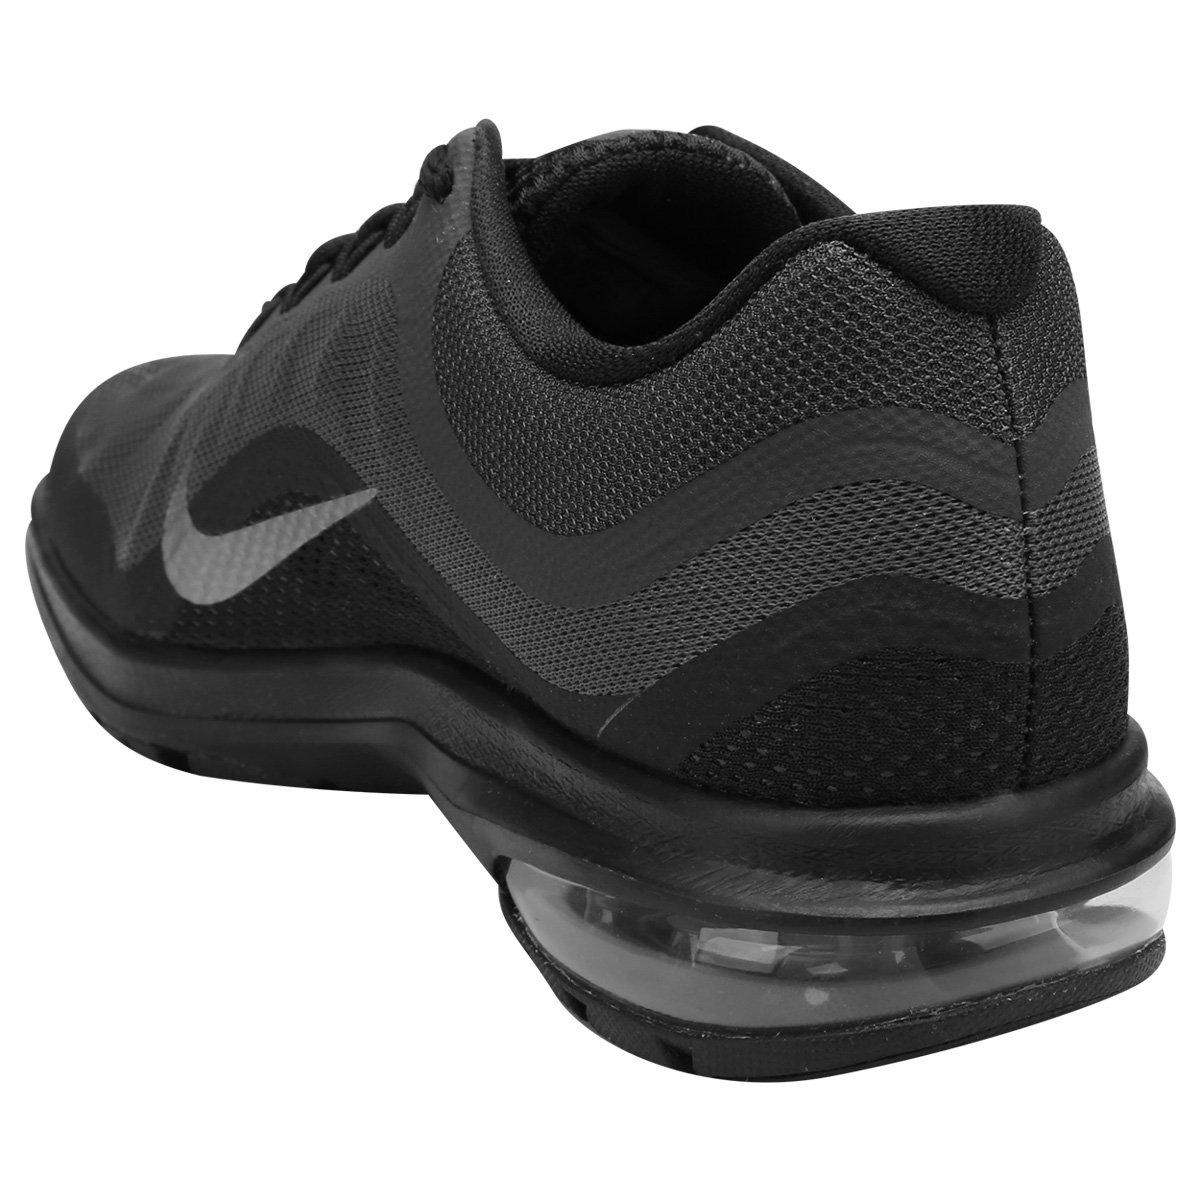 Tênis Nike Air Max Dynasty 2 Feminino - Preto - Compre Agora  48815e75d7e94